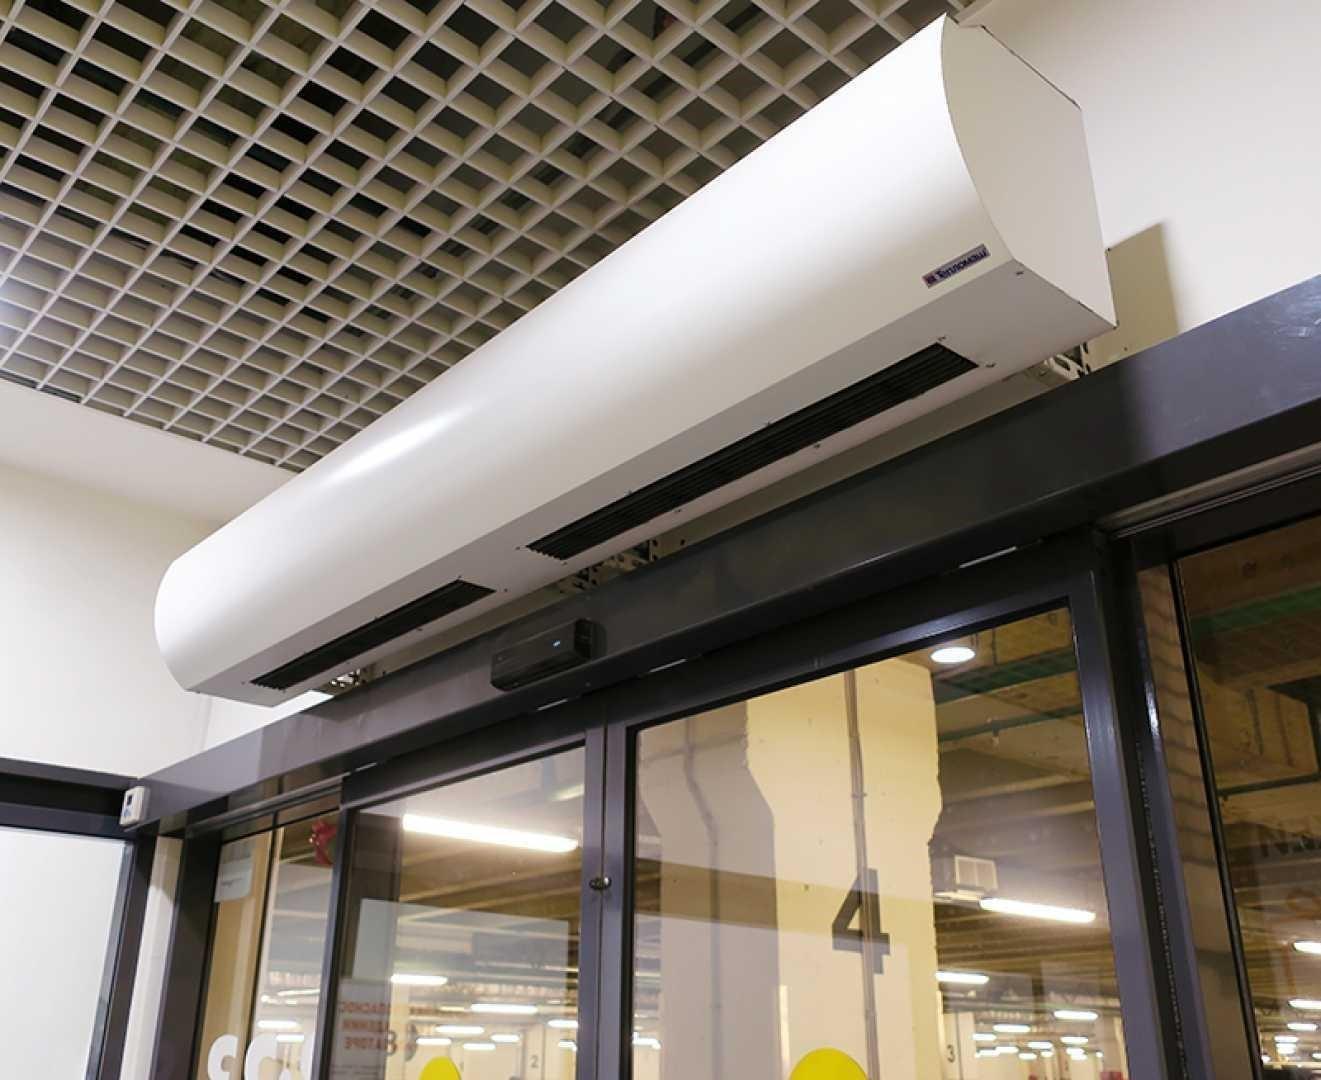 Тепловая завеса КЭВ-10П1063E - 10 кВт (длина 1,55 м.), для проемов высотой от 1-2,2 м.